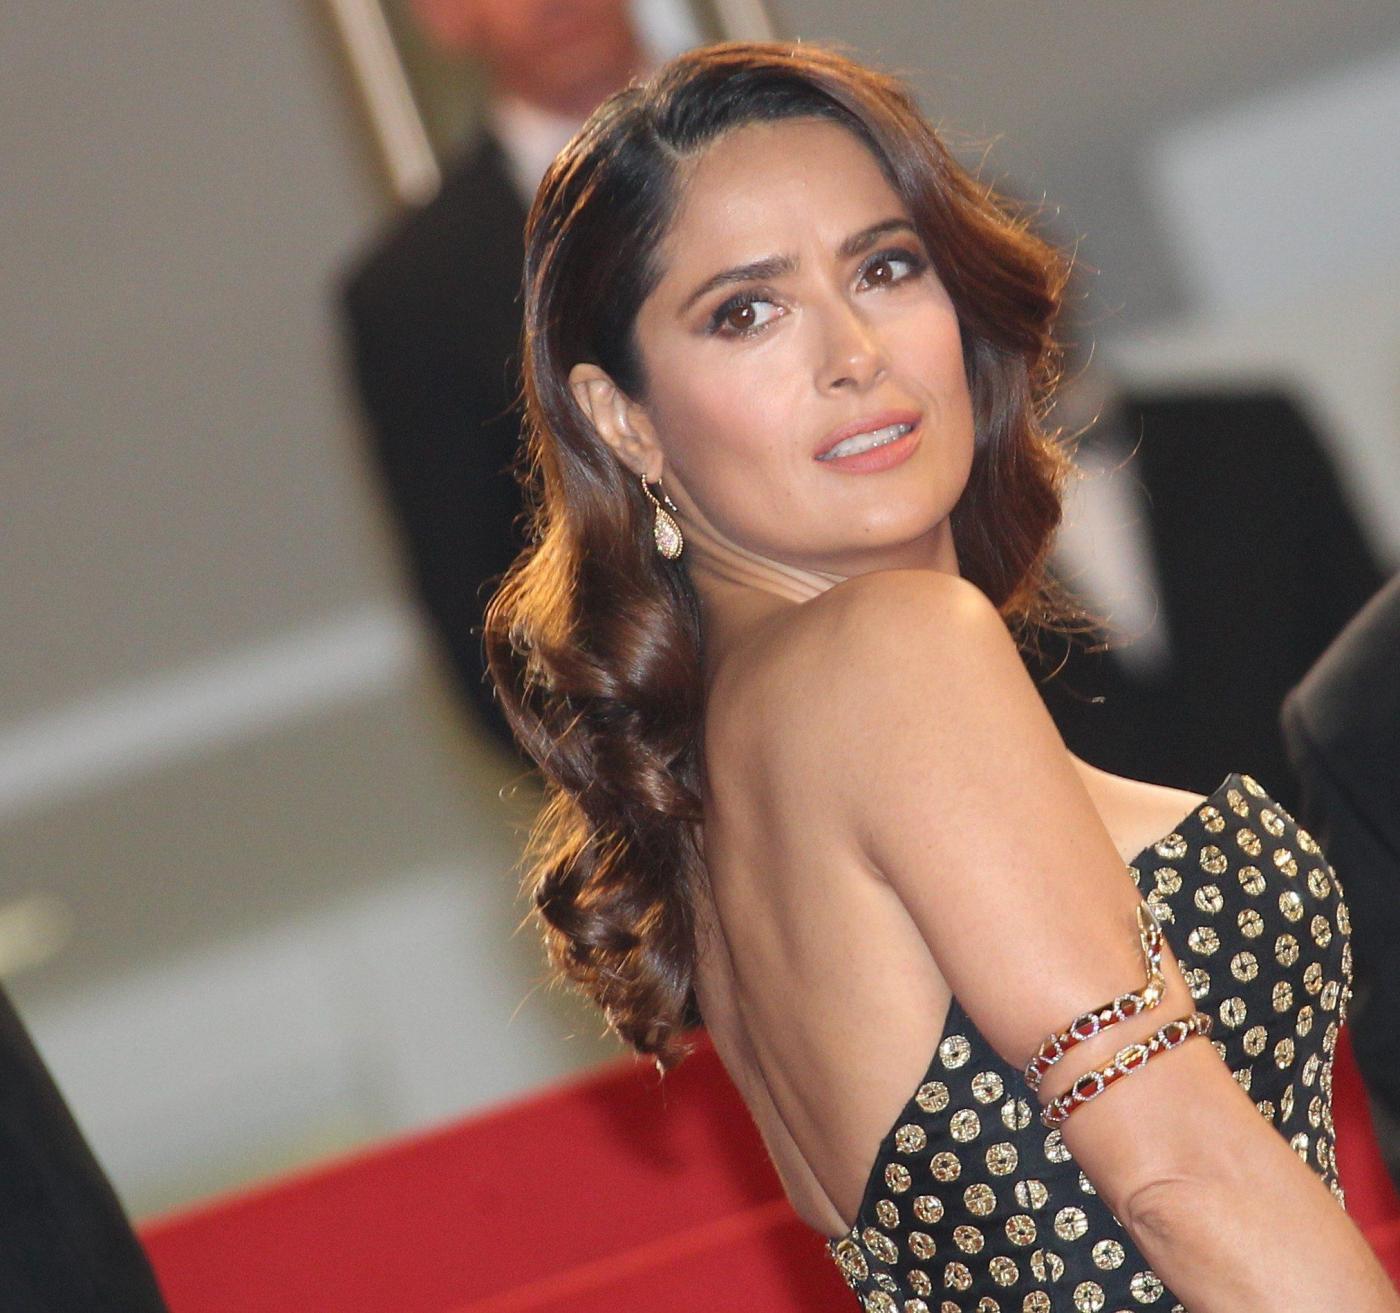 Cannes racconto dei racconti di garrone salma hayek e vincent cassel nel cast5 blitz - Finestre pensione 2015 ...